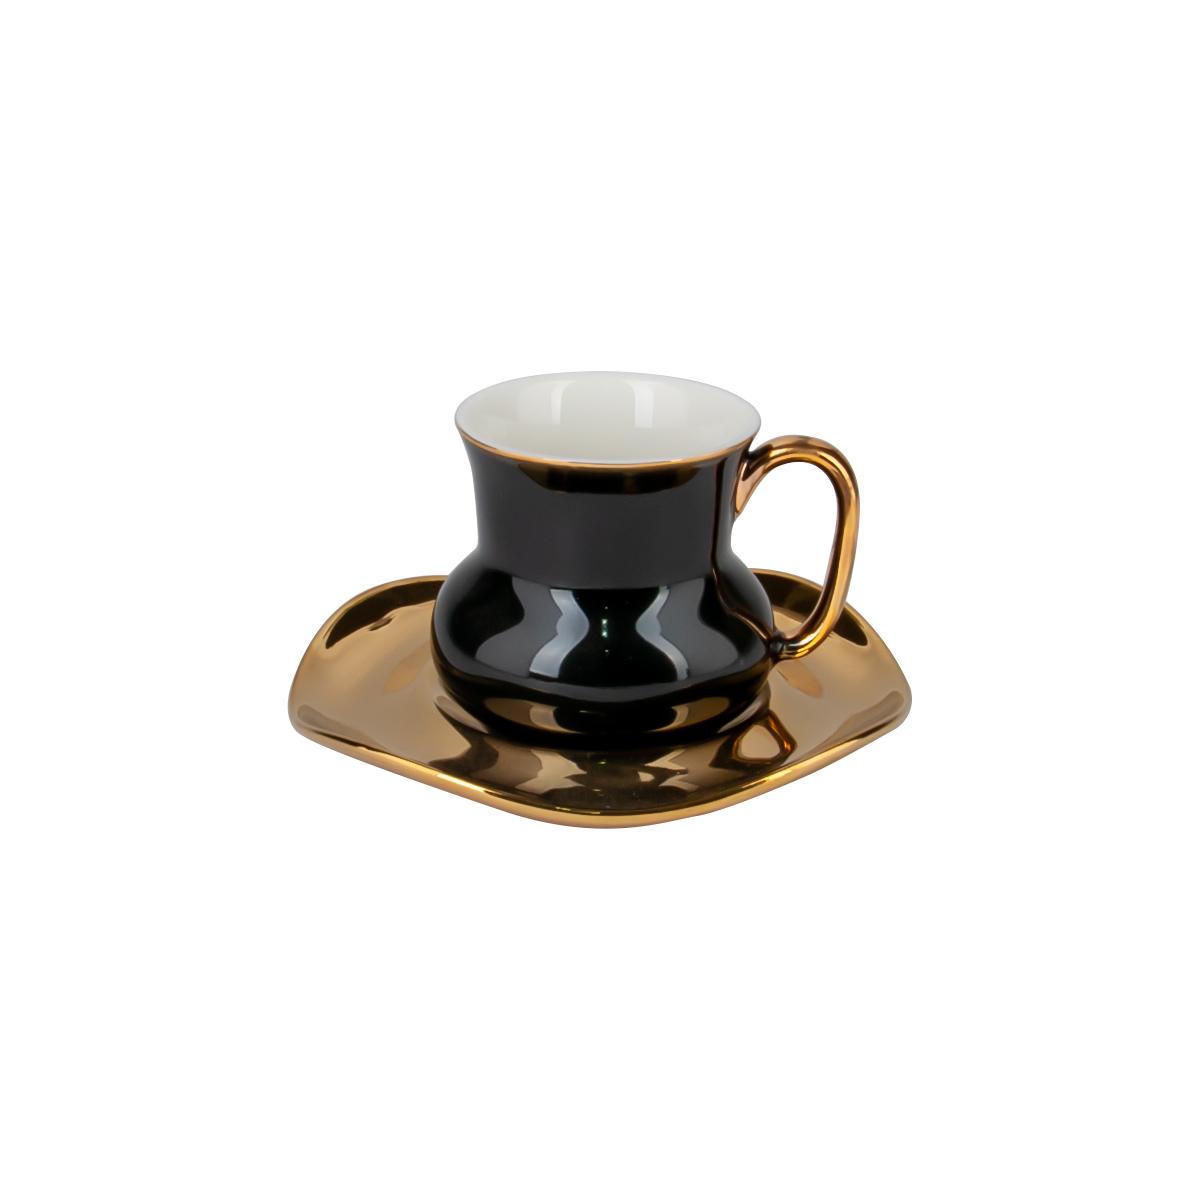 كوب قهوة سيراميك  مع صحن , الوان متعددة موديل 559295